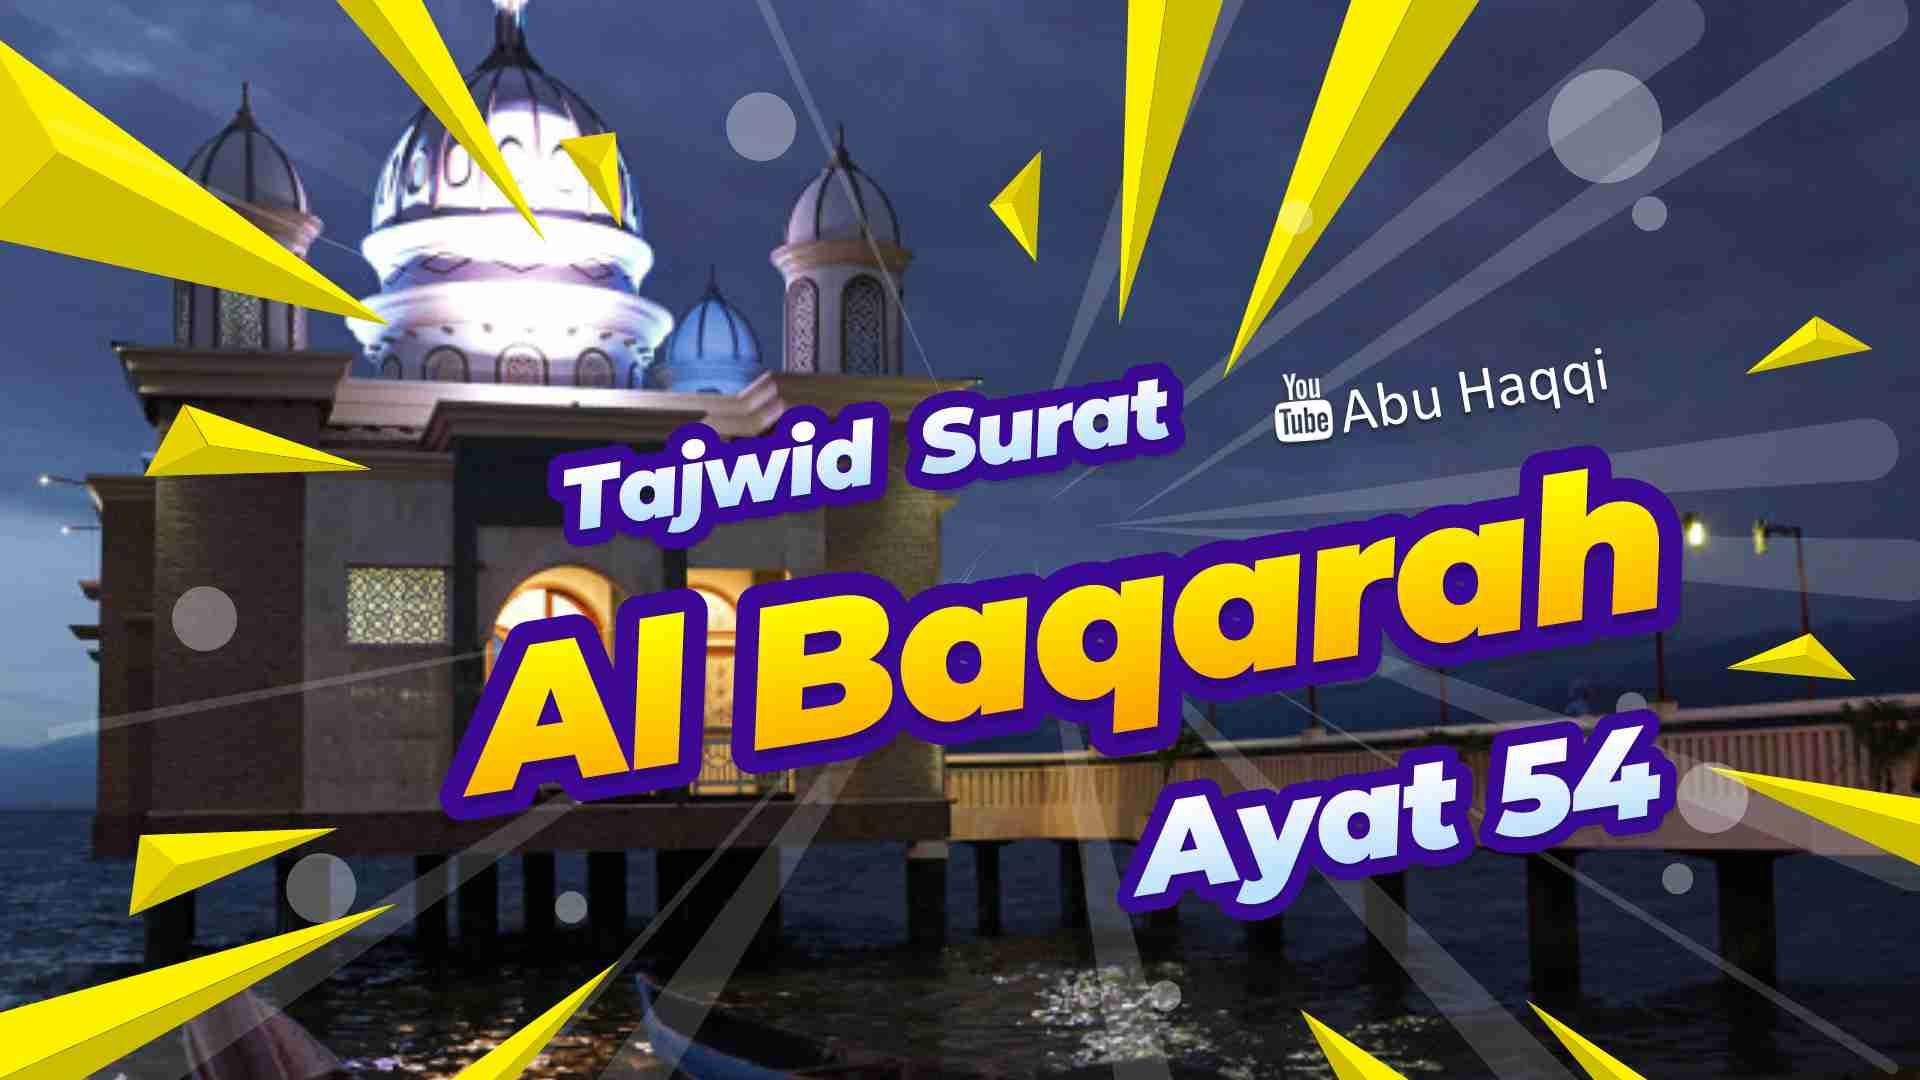 Tajwid surat Al Baqarah ayat 54